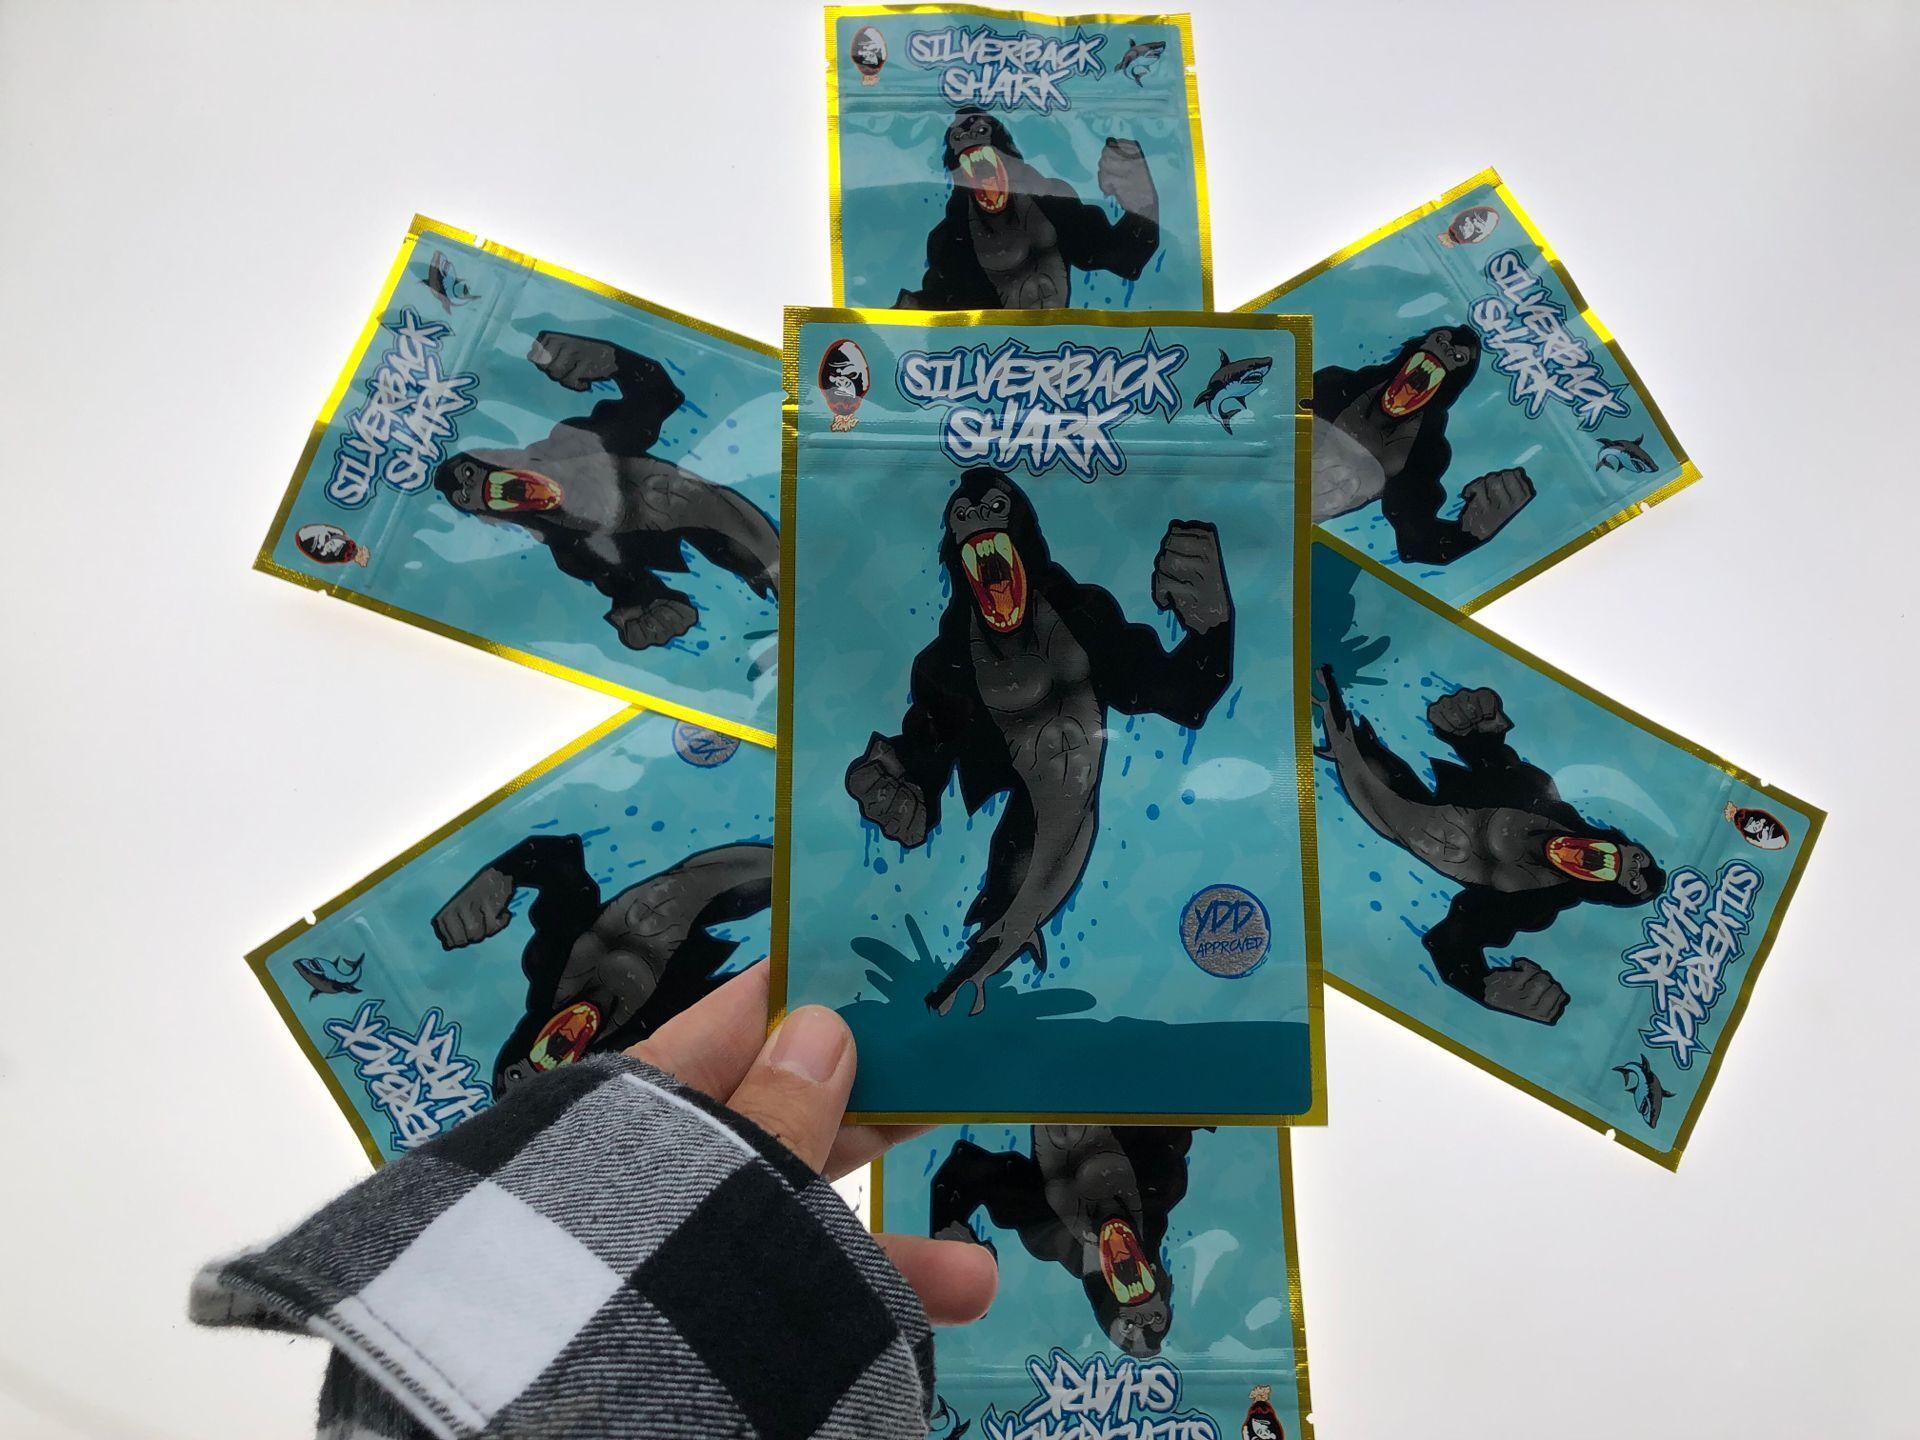 Piadas sacos invioláveis tubarão Padaria 3.5-7g prova Up locais Bags tubarão Silverback Bolsa Cheiro prova de Cheiro vazio Mylar bbyOXh bde_luck